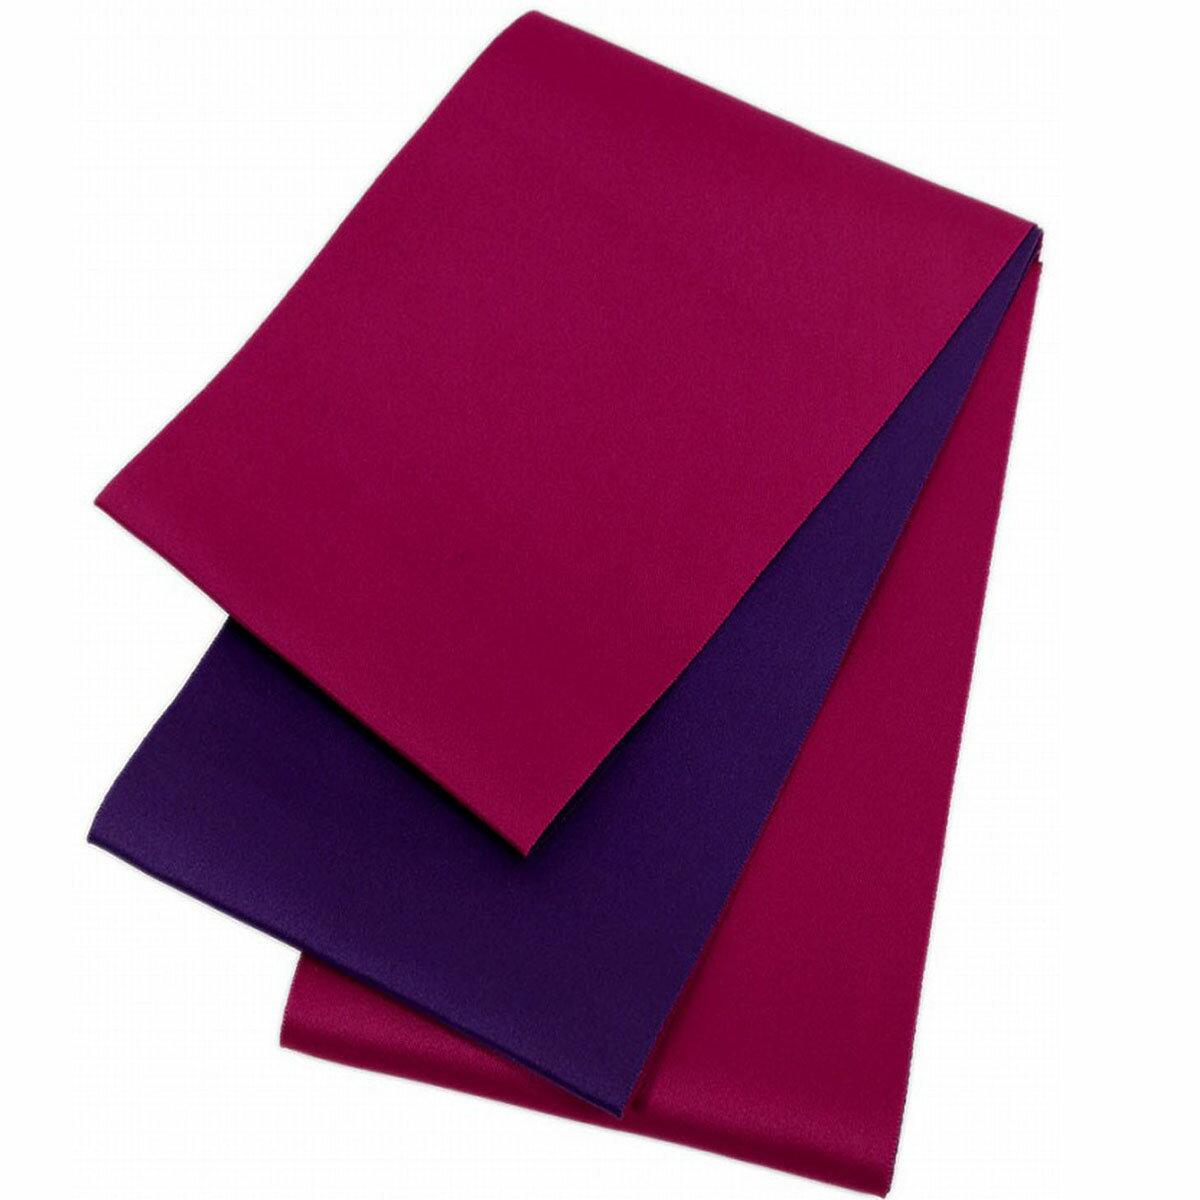 日本製 シンプル リバーシブル 浴衣帯 無地 ワイン×紫 長尺 超長尺